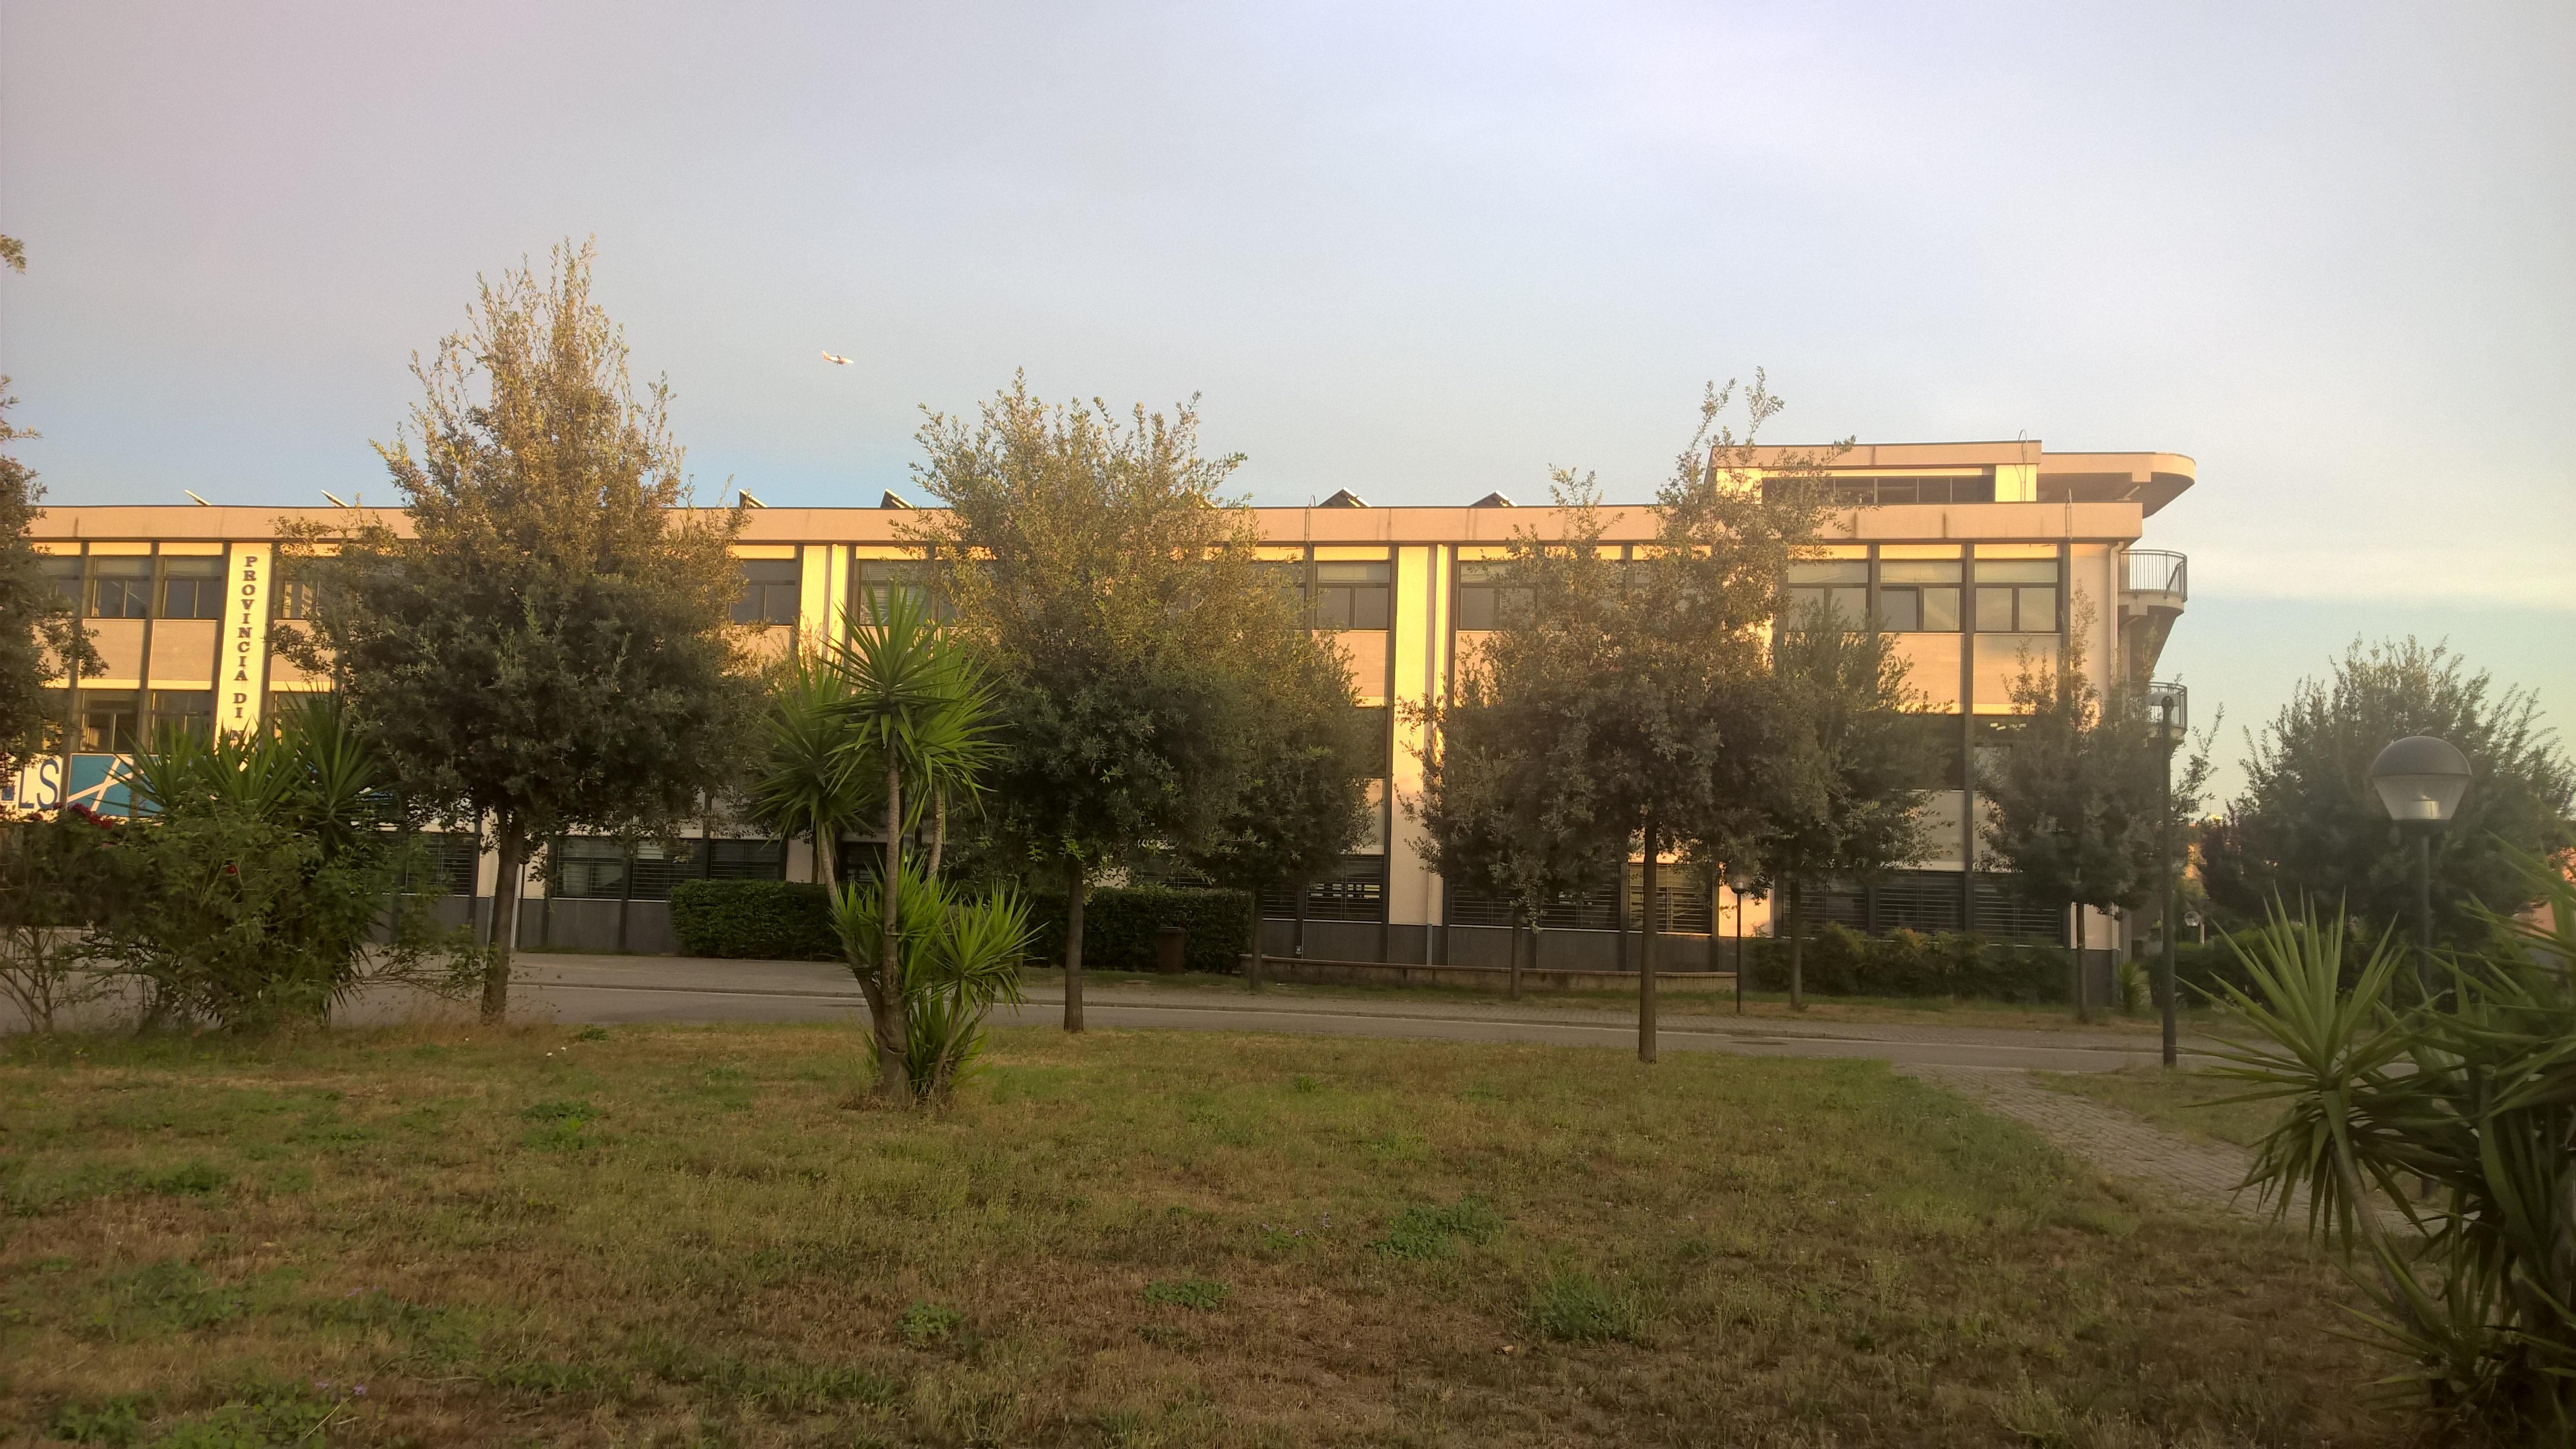 Istituto d istruzione superiore alfonso maria de liguori for Istituto superiore